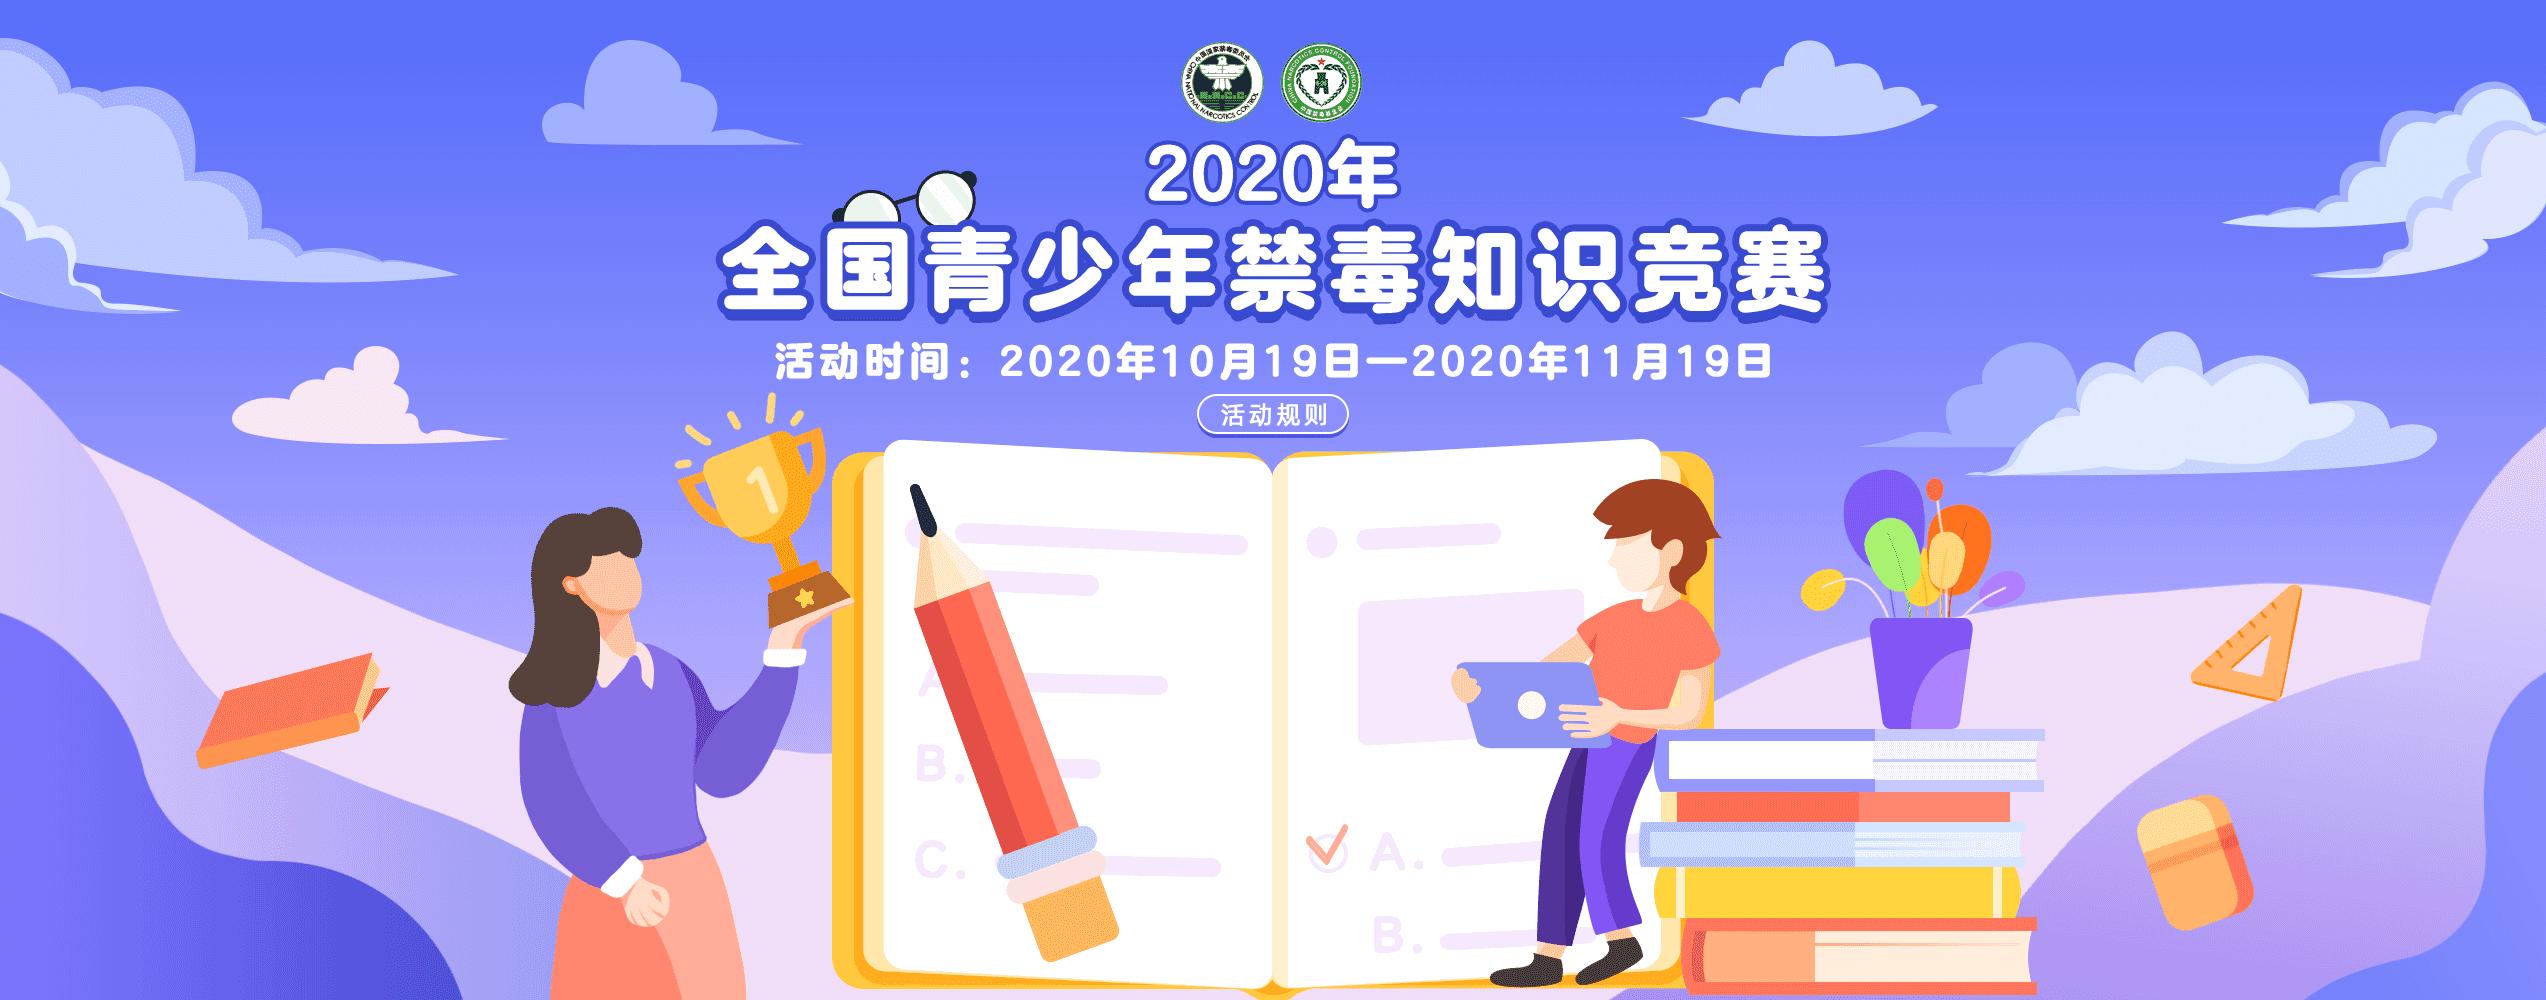 2020年全国青少年禁毒知识竞赛中学组题库 青少年禁毒中学组题库答案大全